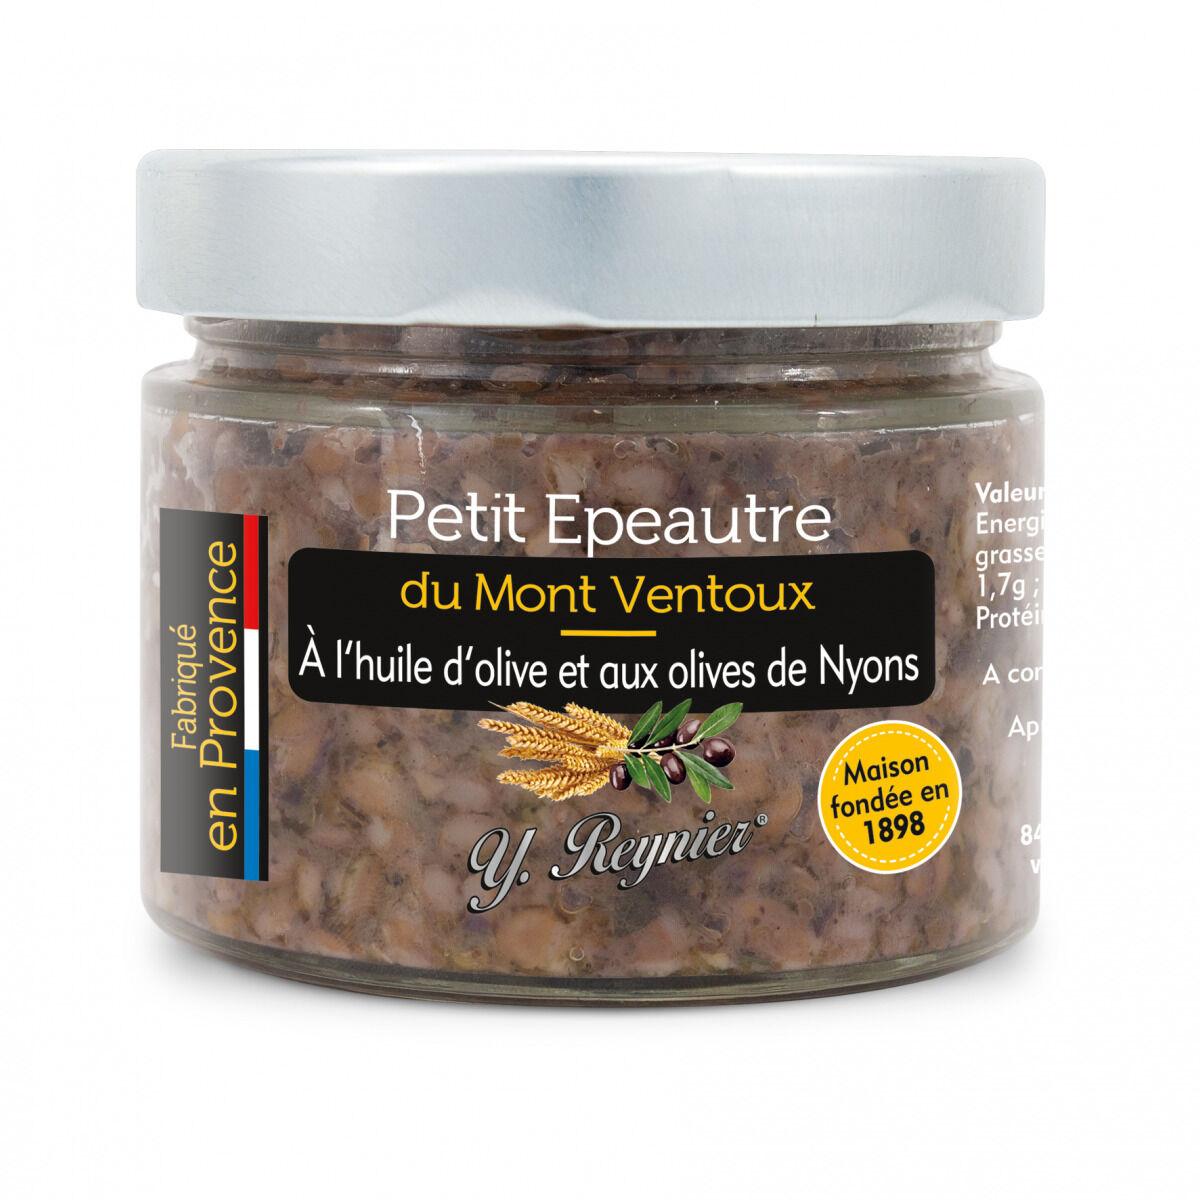 Conserves Guintrand Petit Epeautre Du Mont Ventoux A L'huile D'olive Et Aux Olives De Nyons Yr 314 Ml